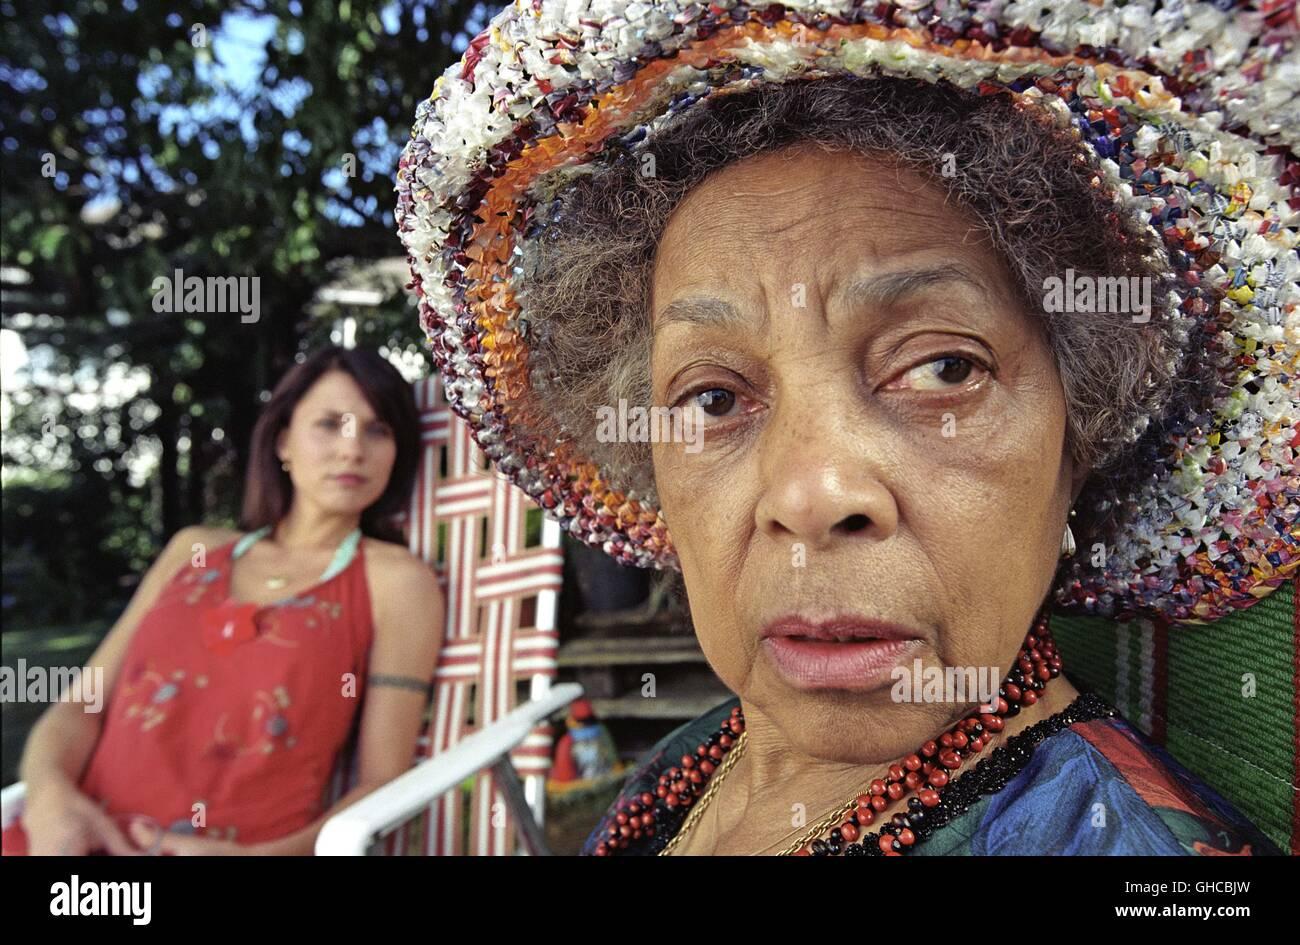 NO. 2 New Zealand 2005 Toa Fraser Danish Maria (TUVA NOVOTNY) and Nanna Maria (RUBY DEE) Regie: Toa Fraser - Stock Image